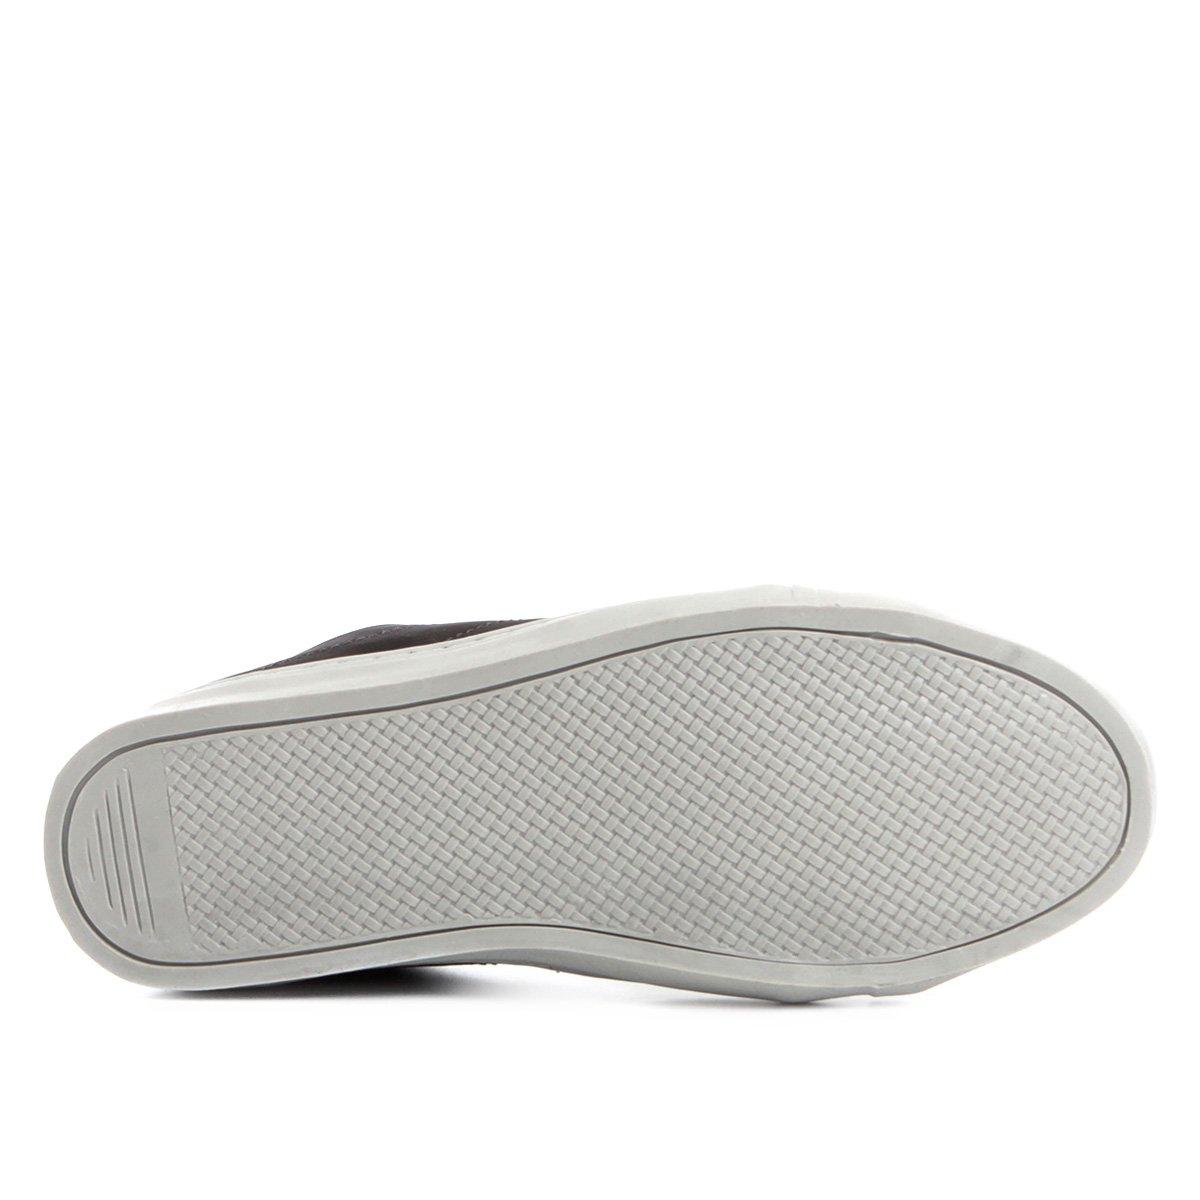 Sapatênis Couro Shoestock Nobuck Color Masculino - Preto - Compre ... 0c126fcc4c221